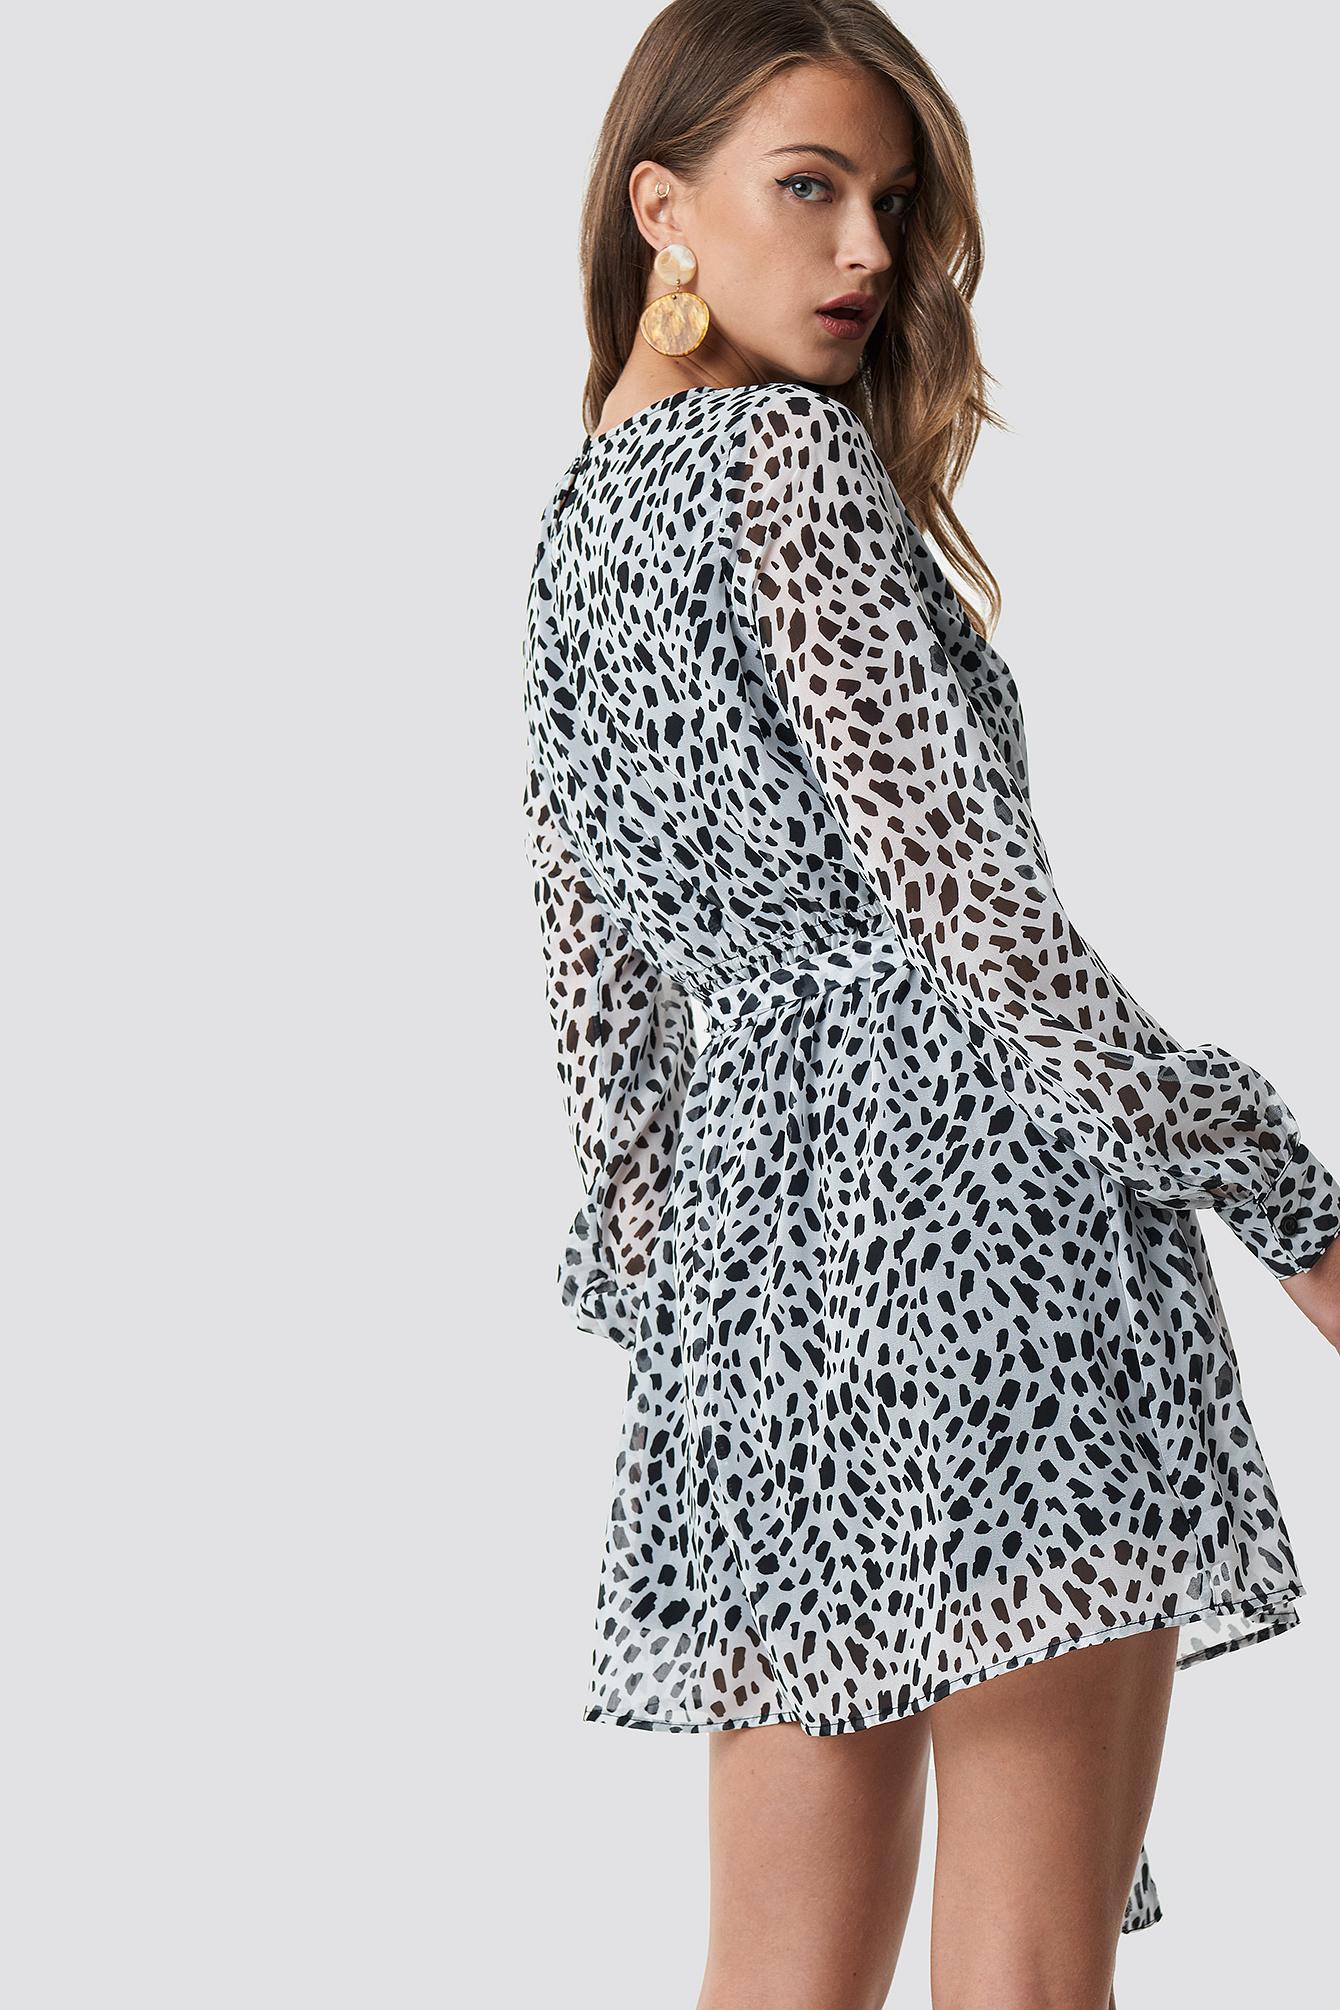 Dalmation Spots Print Dress NA-KD.COM